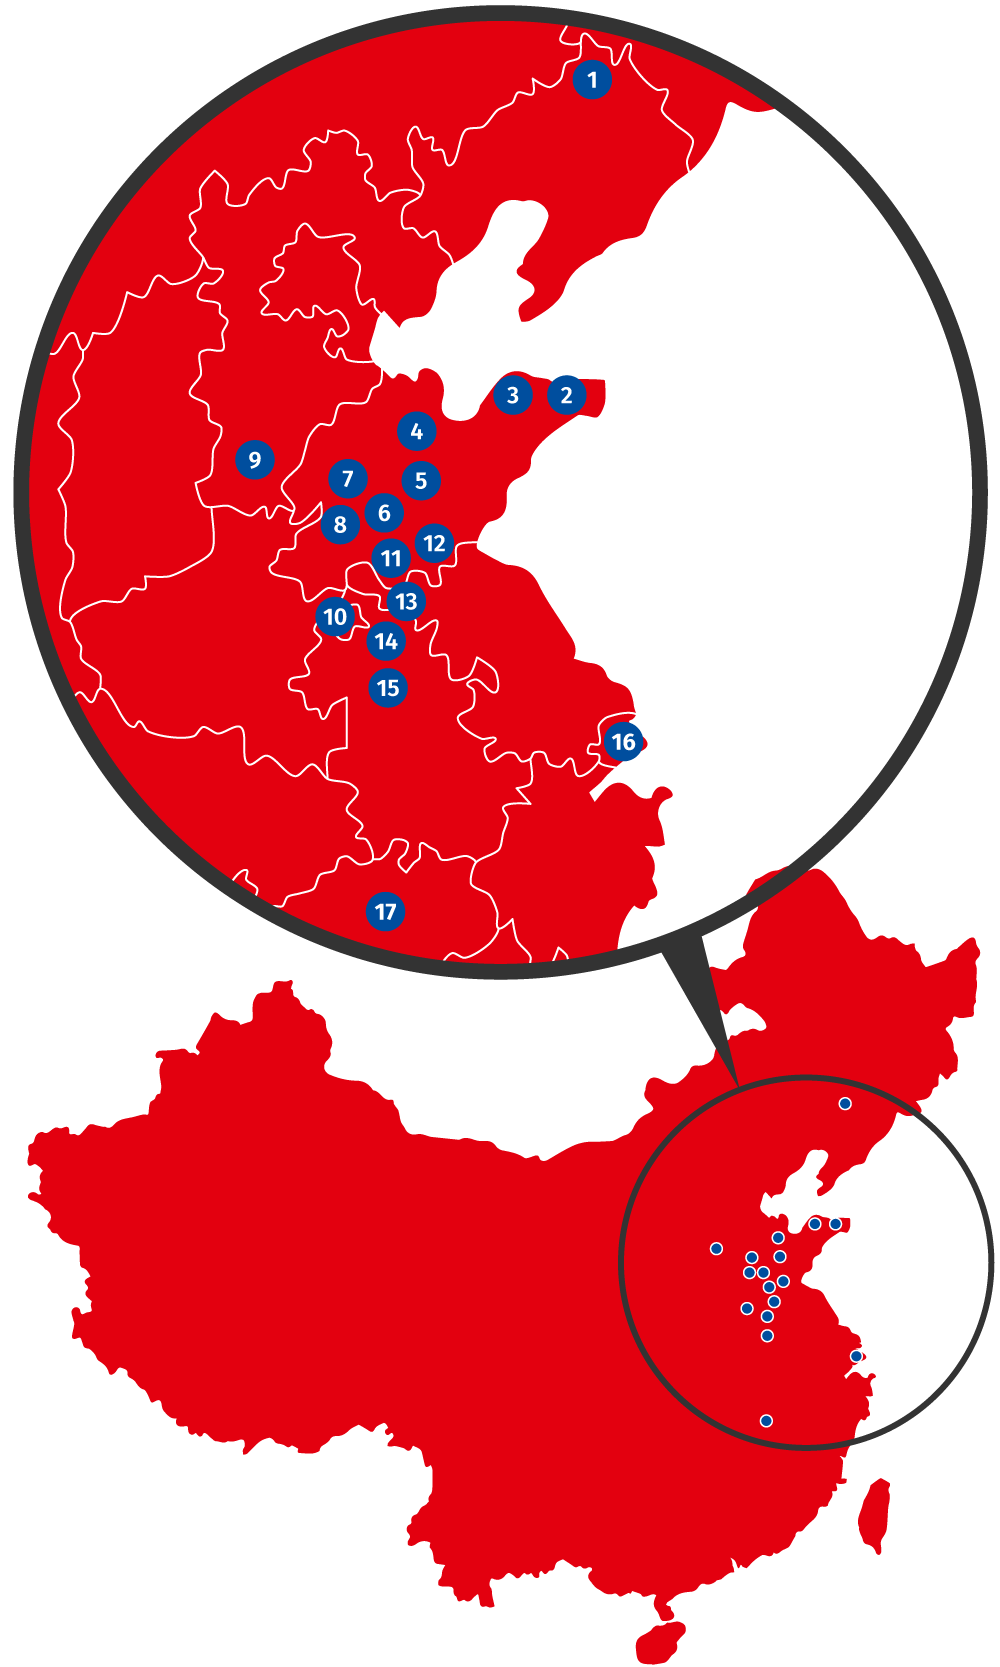 Karte der Kunden in China für den Bergbau